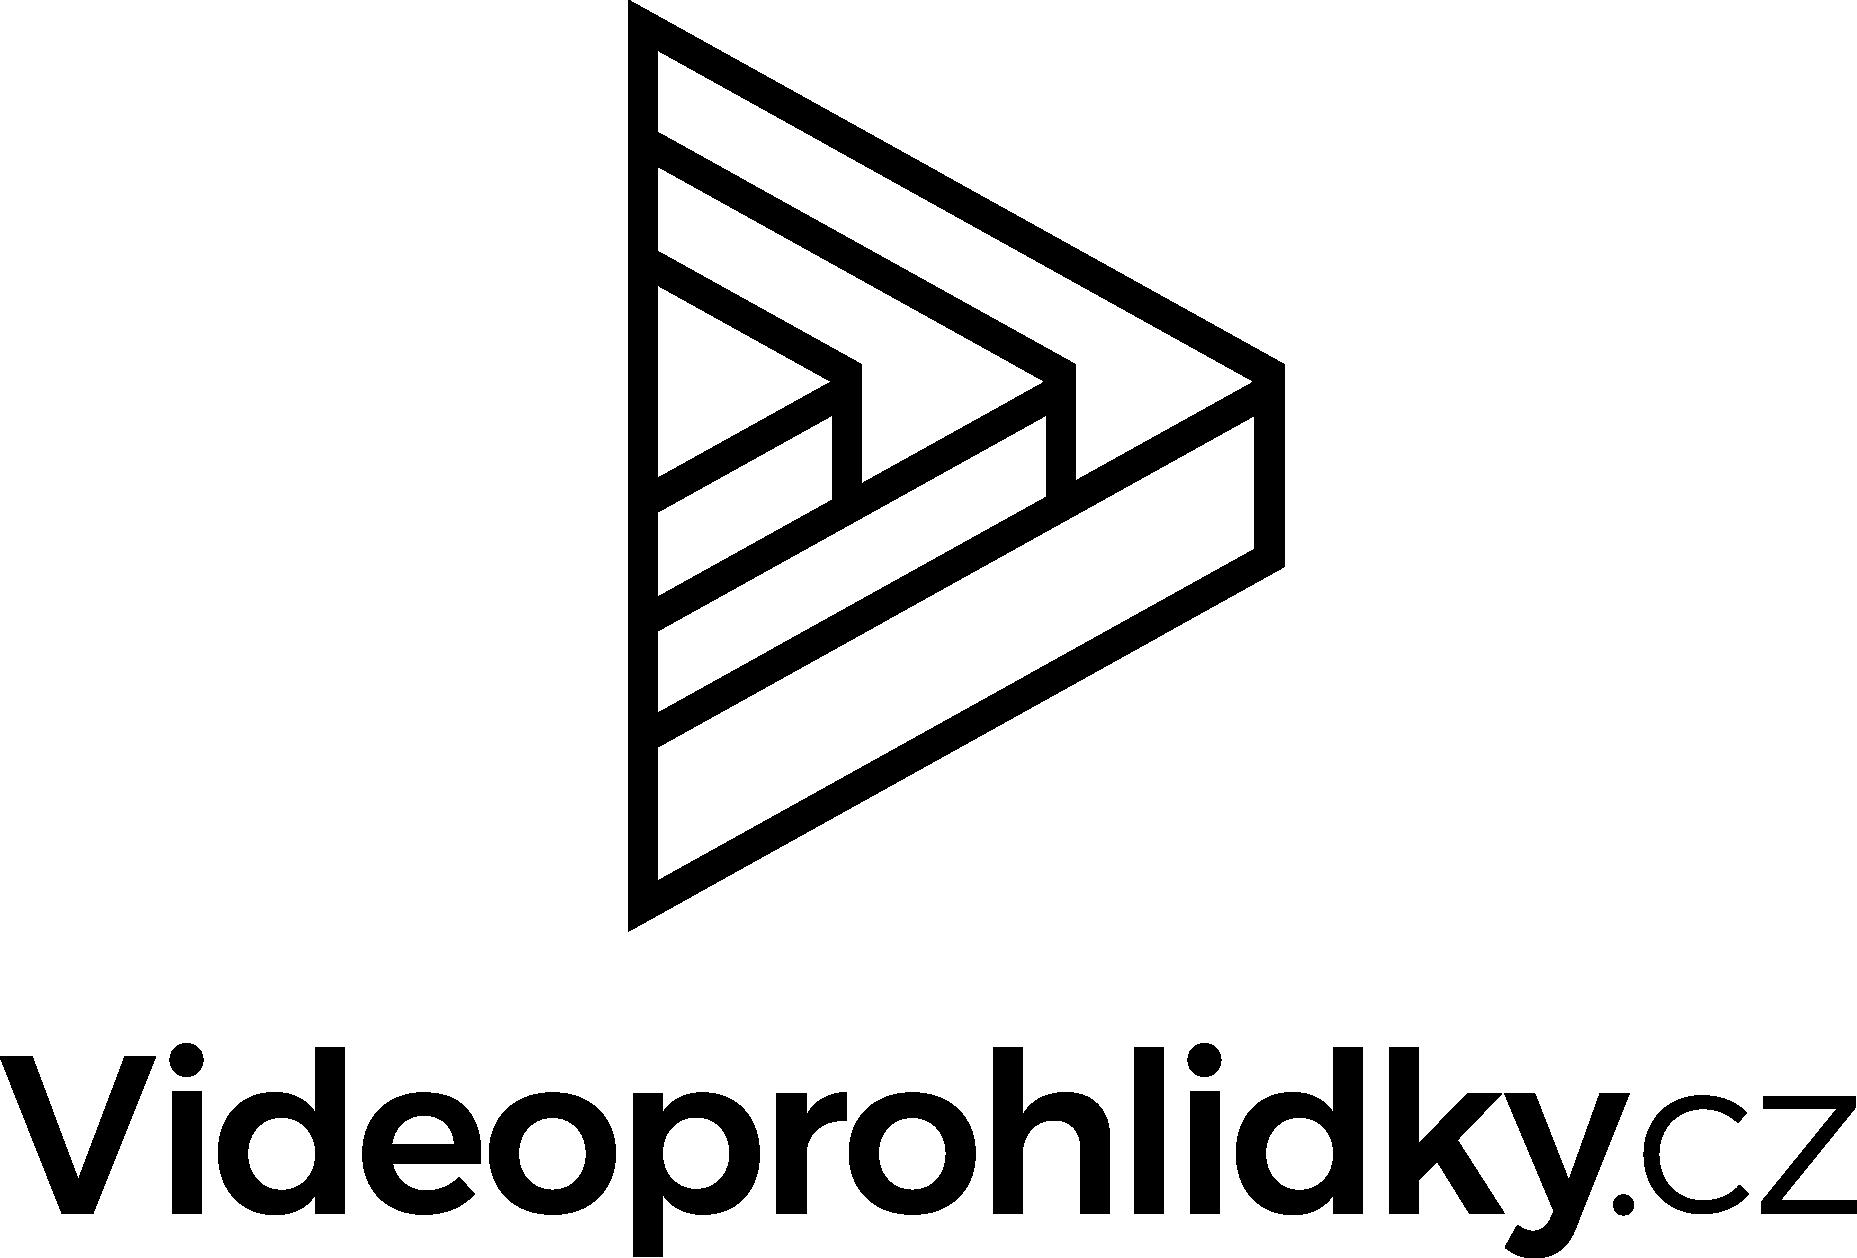 Videoprohlidky.cz logo